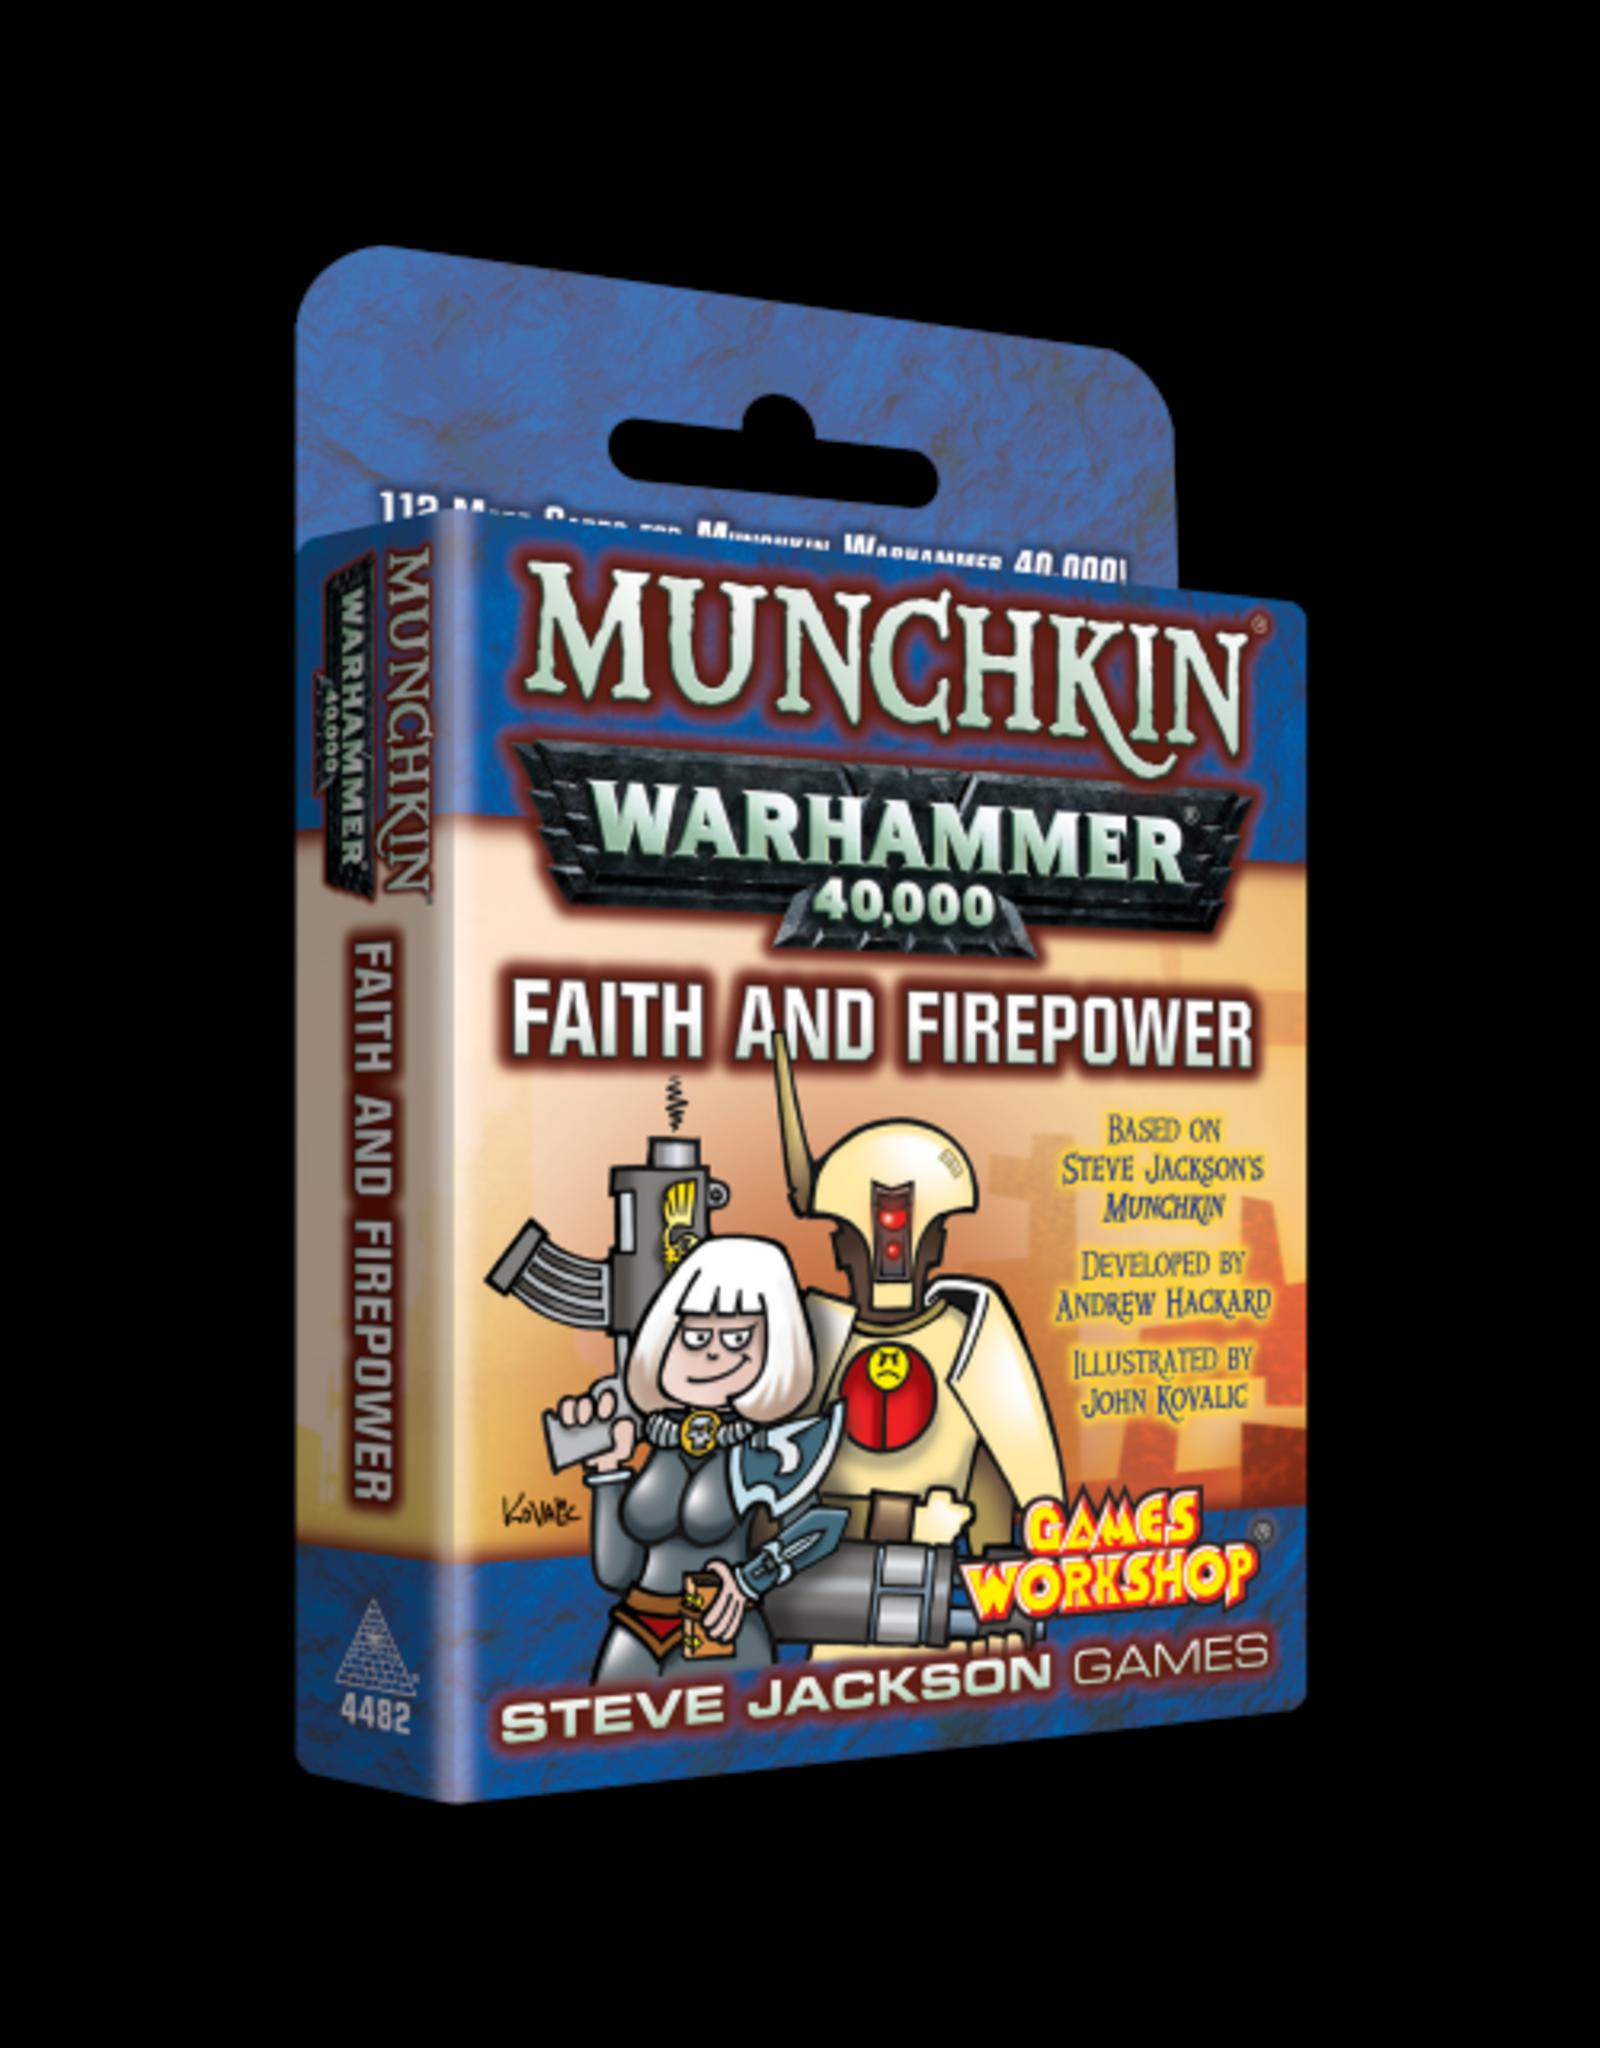 Munchkin: Warhammer 40K - Faith and Firepower